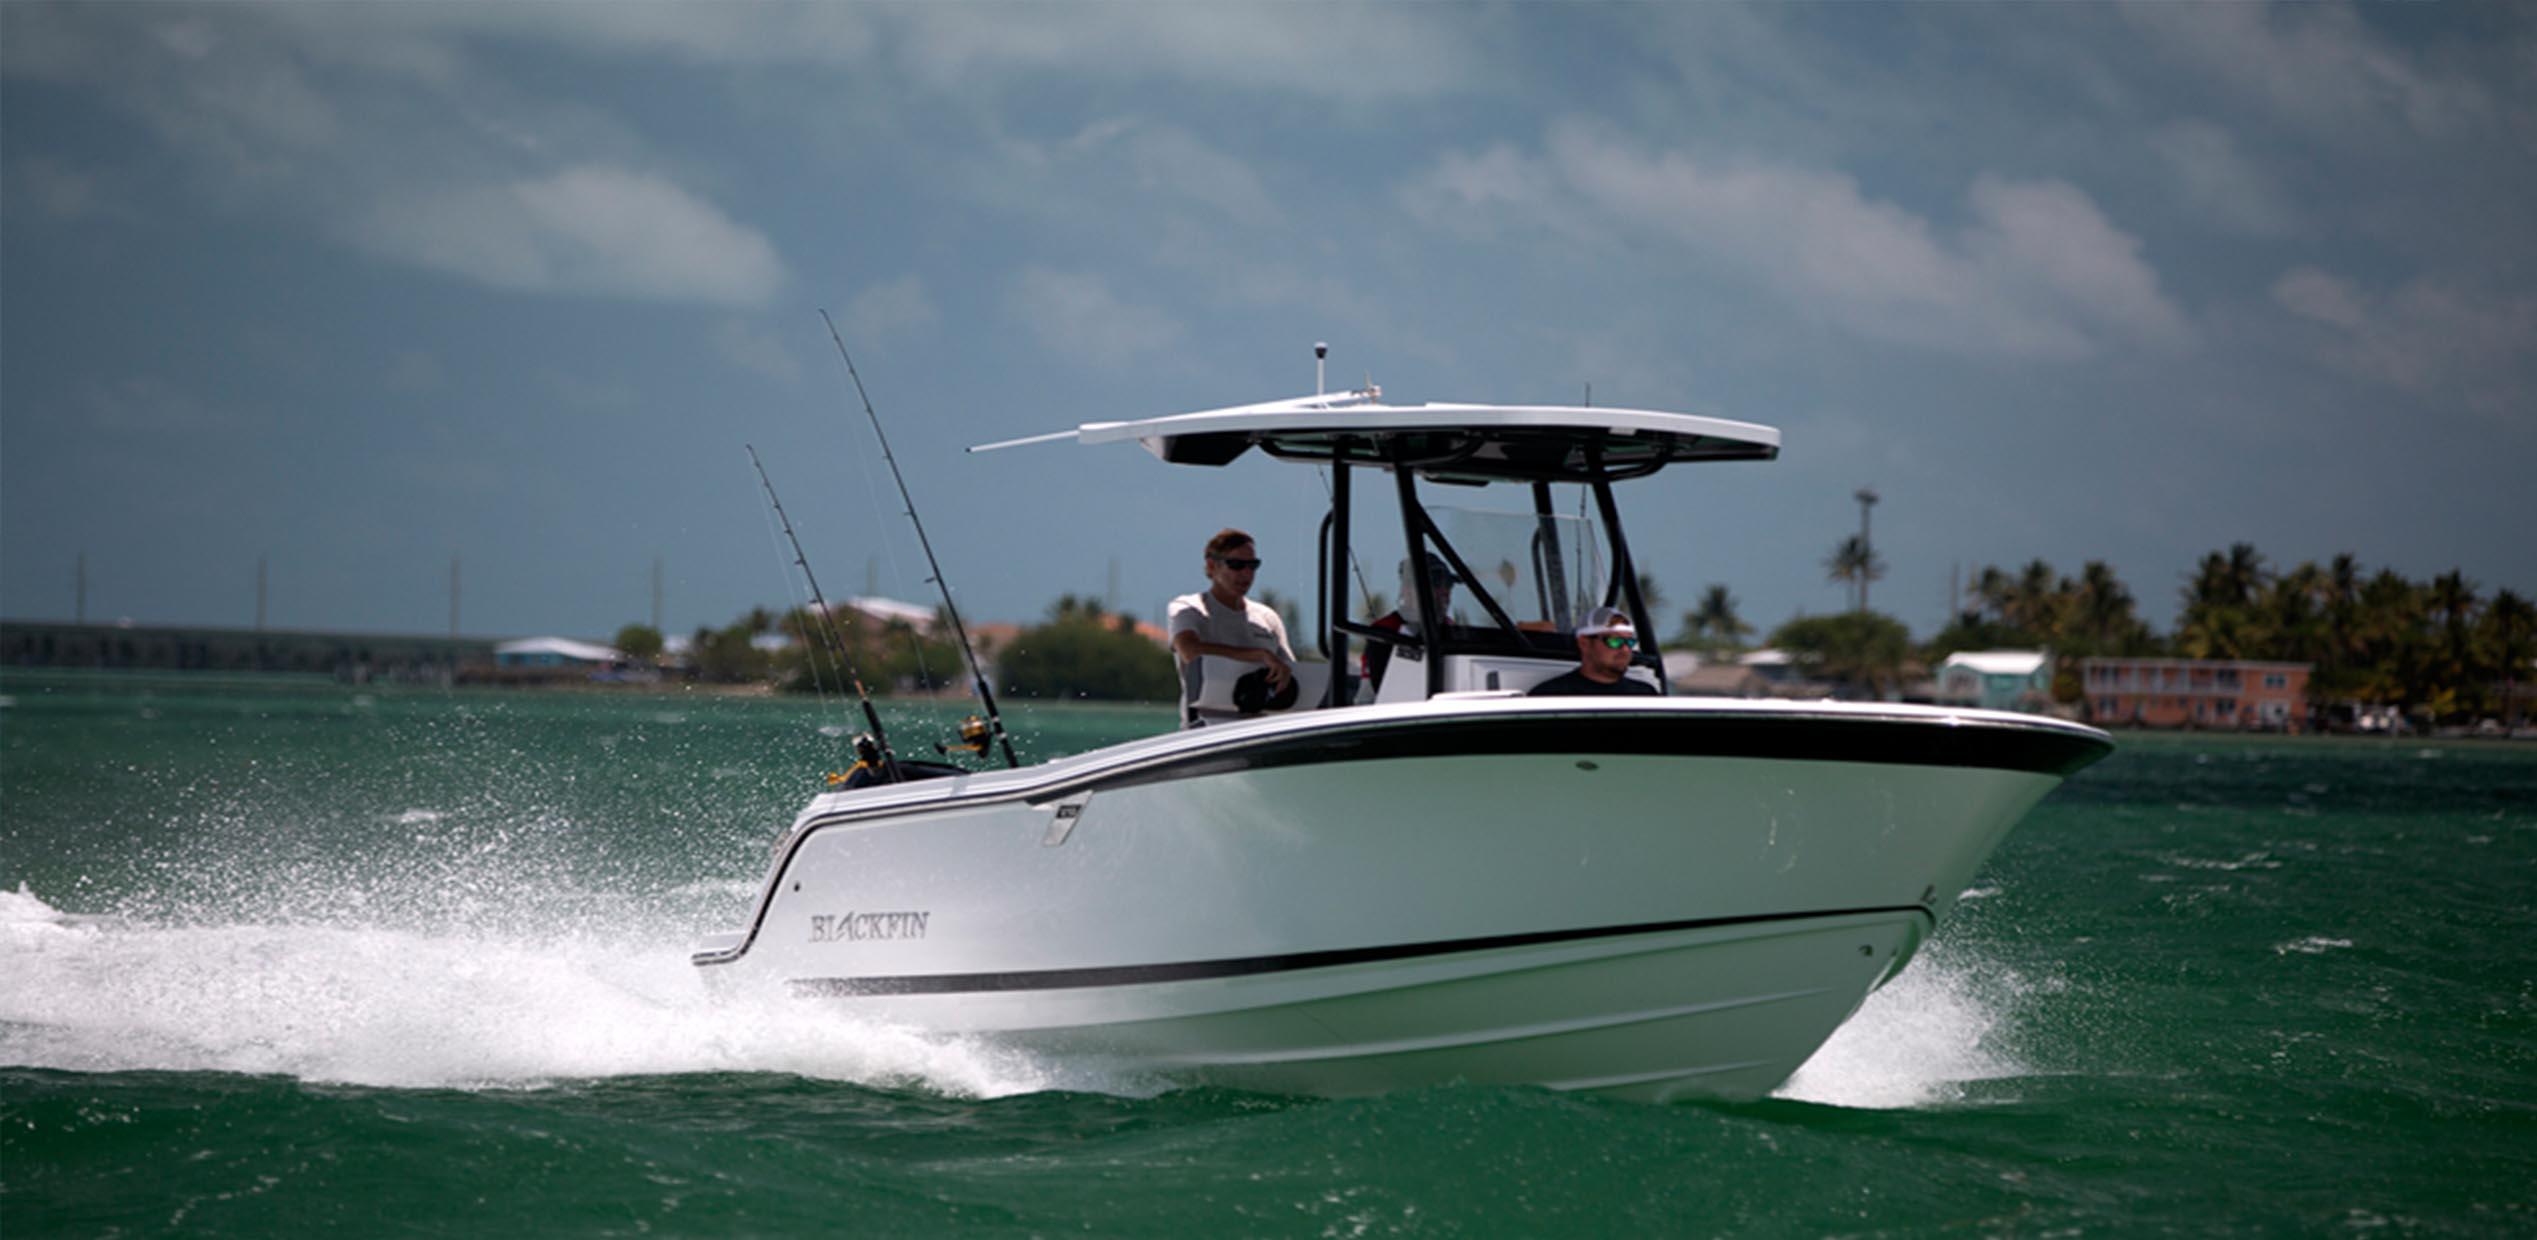 Blackfin Boat-2